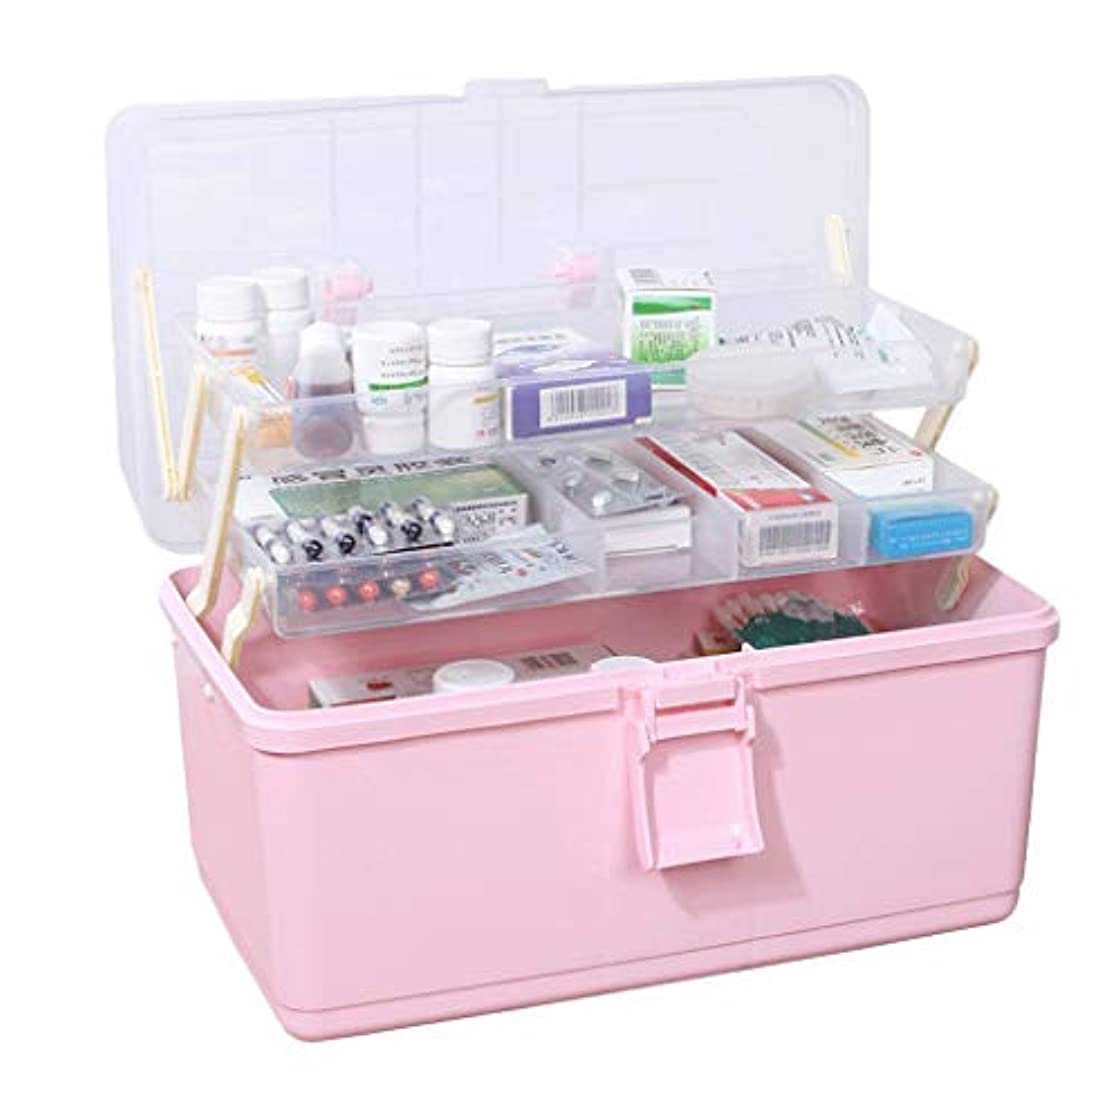 ムスタチオタイトルファシズムピルボックスPP 34 * 19 * 22.5 cm家庭用薬ボックス薬収納ボックス (色 : ピンク)